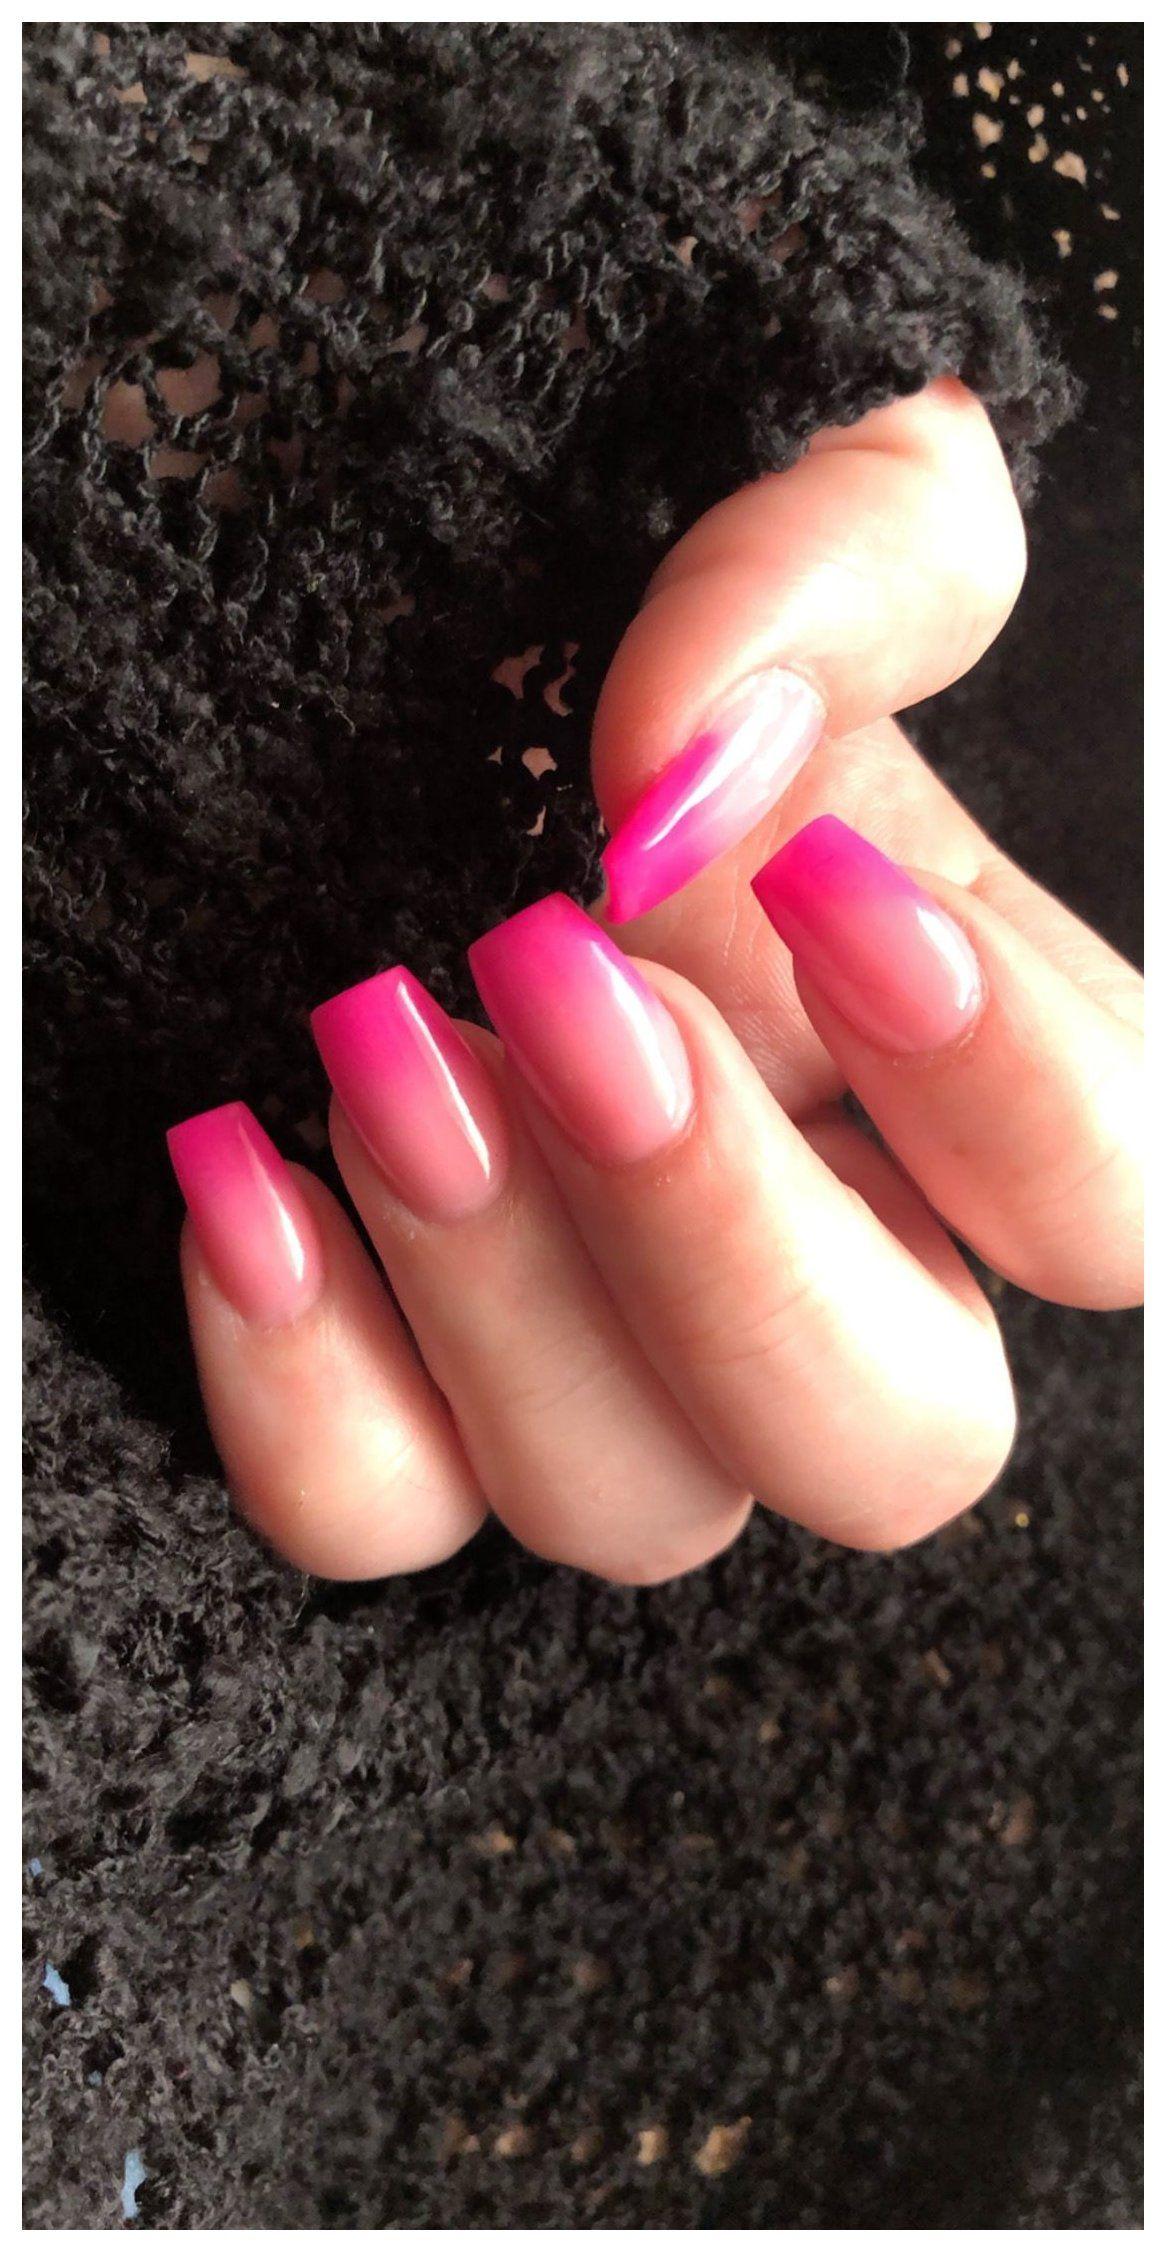 Love My New Nails Short Acrylic Hot Pink And Gold Pink Acrylic Nails Short Acrylic Nails Designs Acrylic Nail Designs